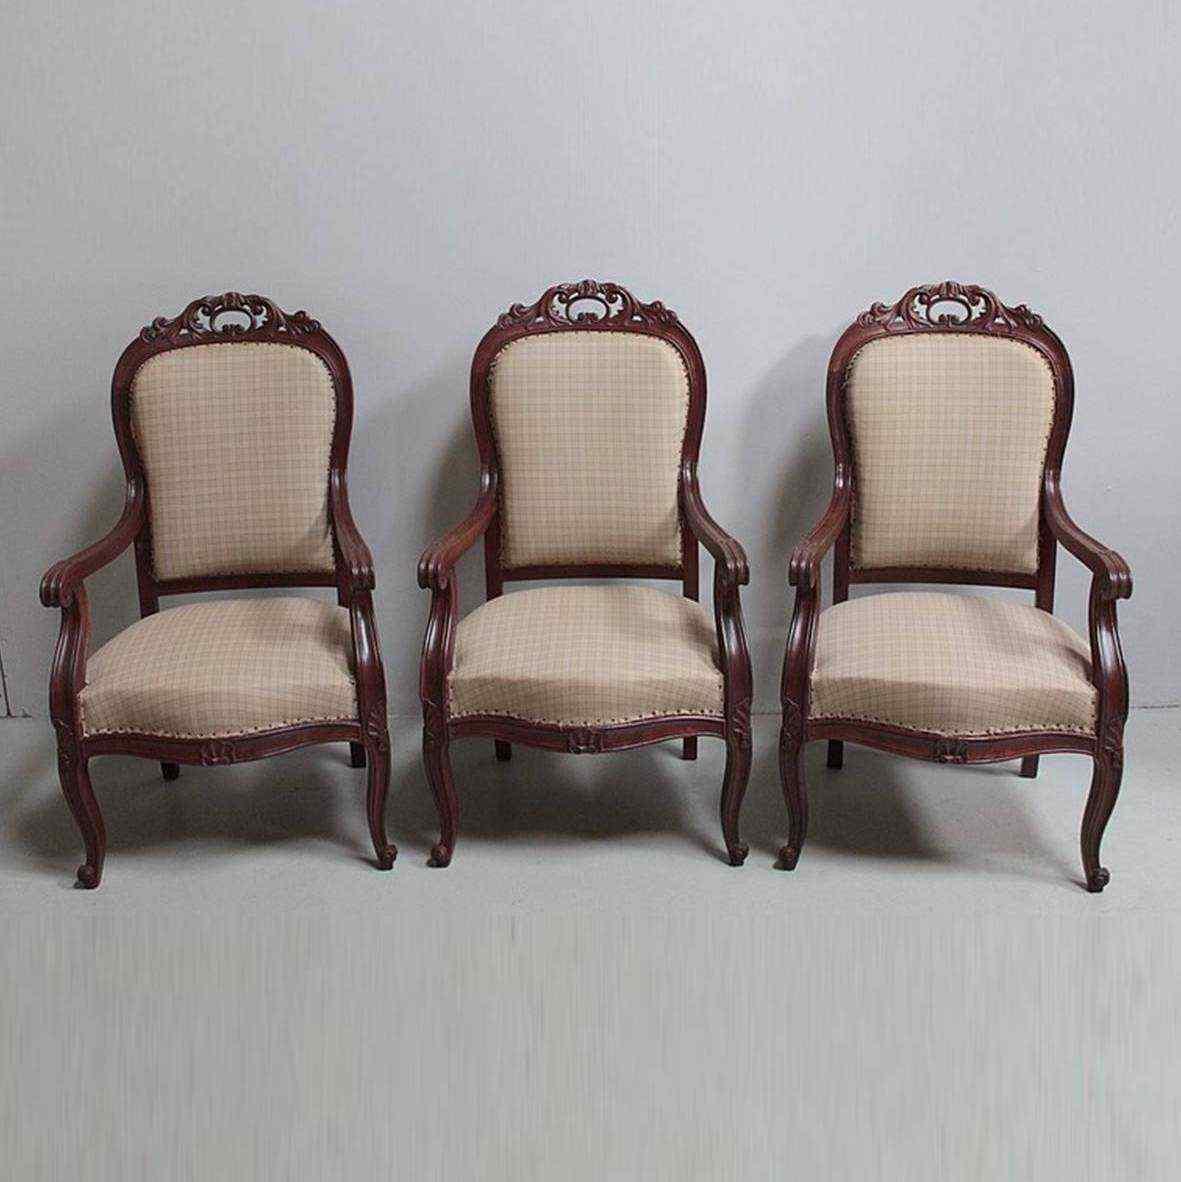 Gruppo di tre poltrone Napoleone III, XIX secolo